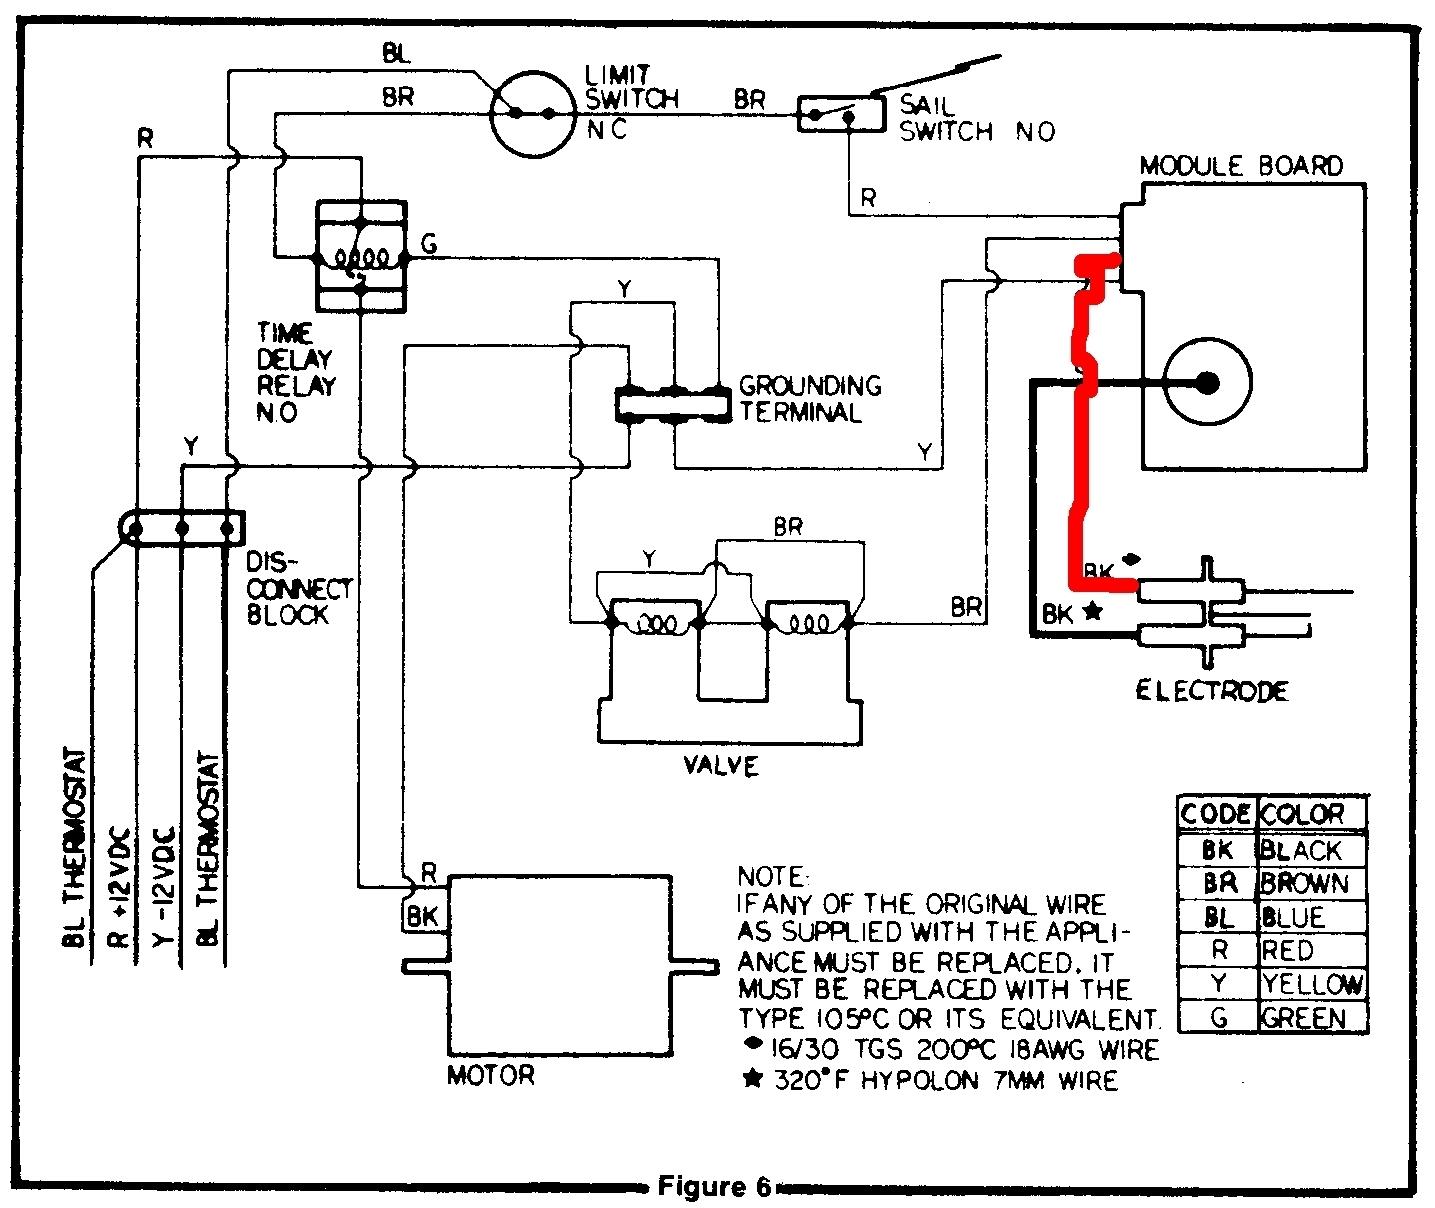 rv ac wiring diagram schematics online Wiring Zc Rv 3 Diagram Mach Coleman Zone Thermostat Wiring Zc Rv 3 Diagram Mach Coleman Zone Thermostat #8